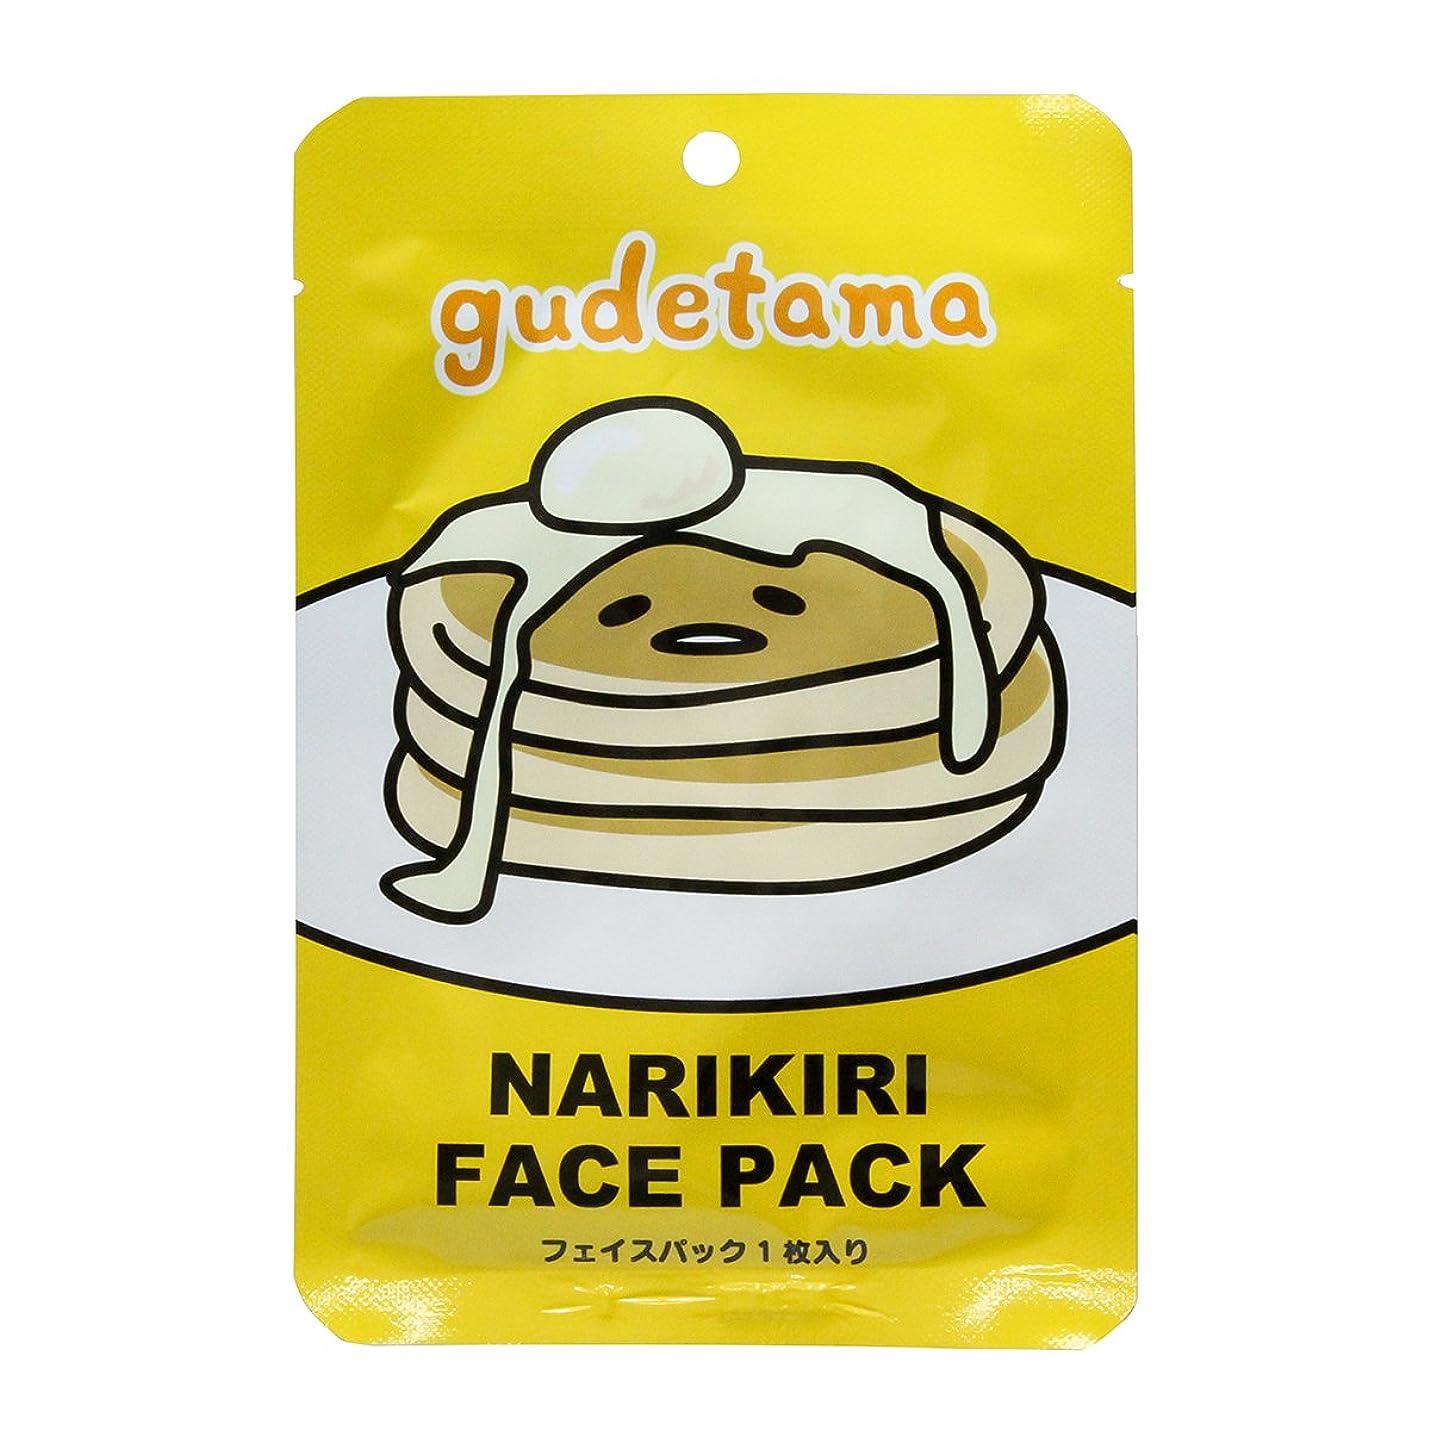 メールメダル起きているぐでたま なりきりフェイスパック パンケーキ バニラの香り (20mL × 1枚入)